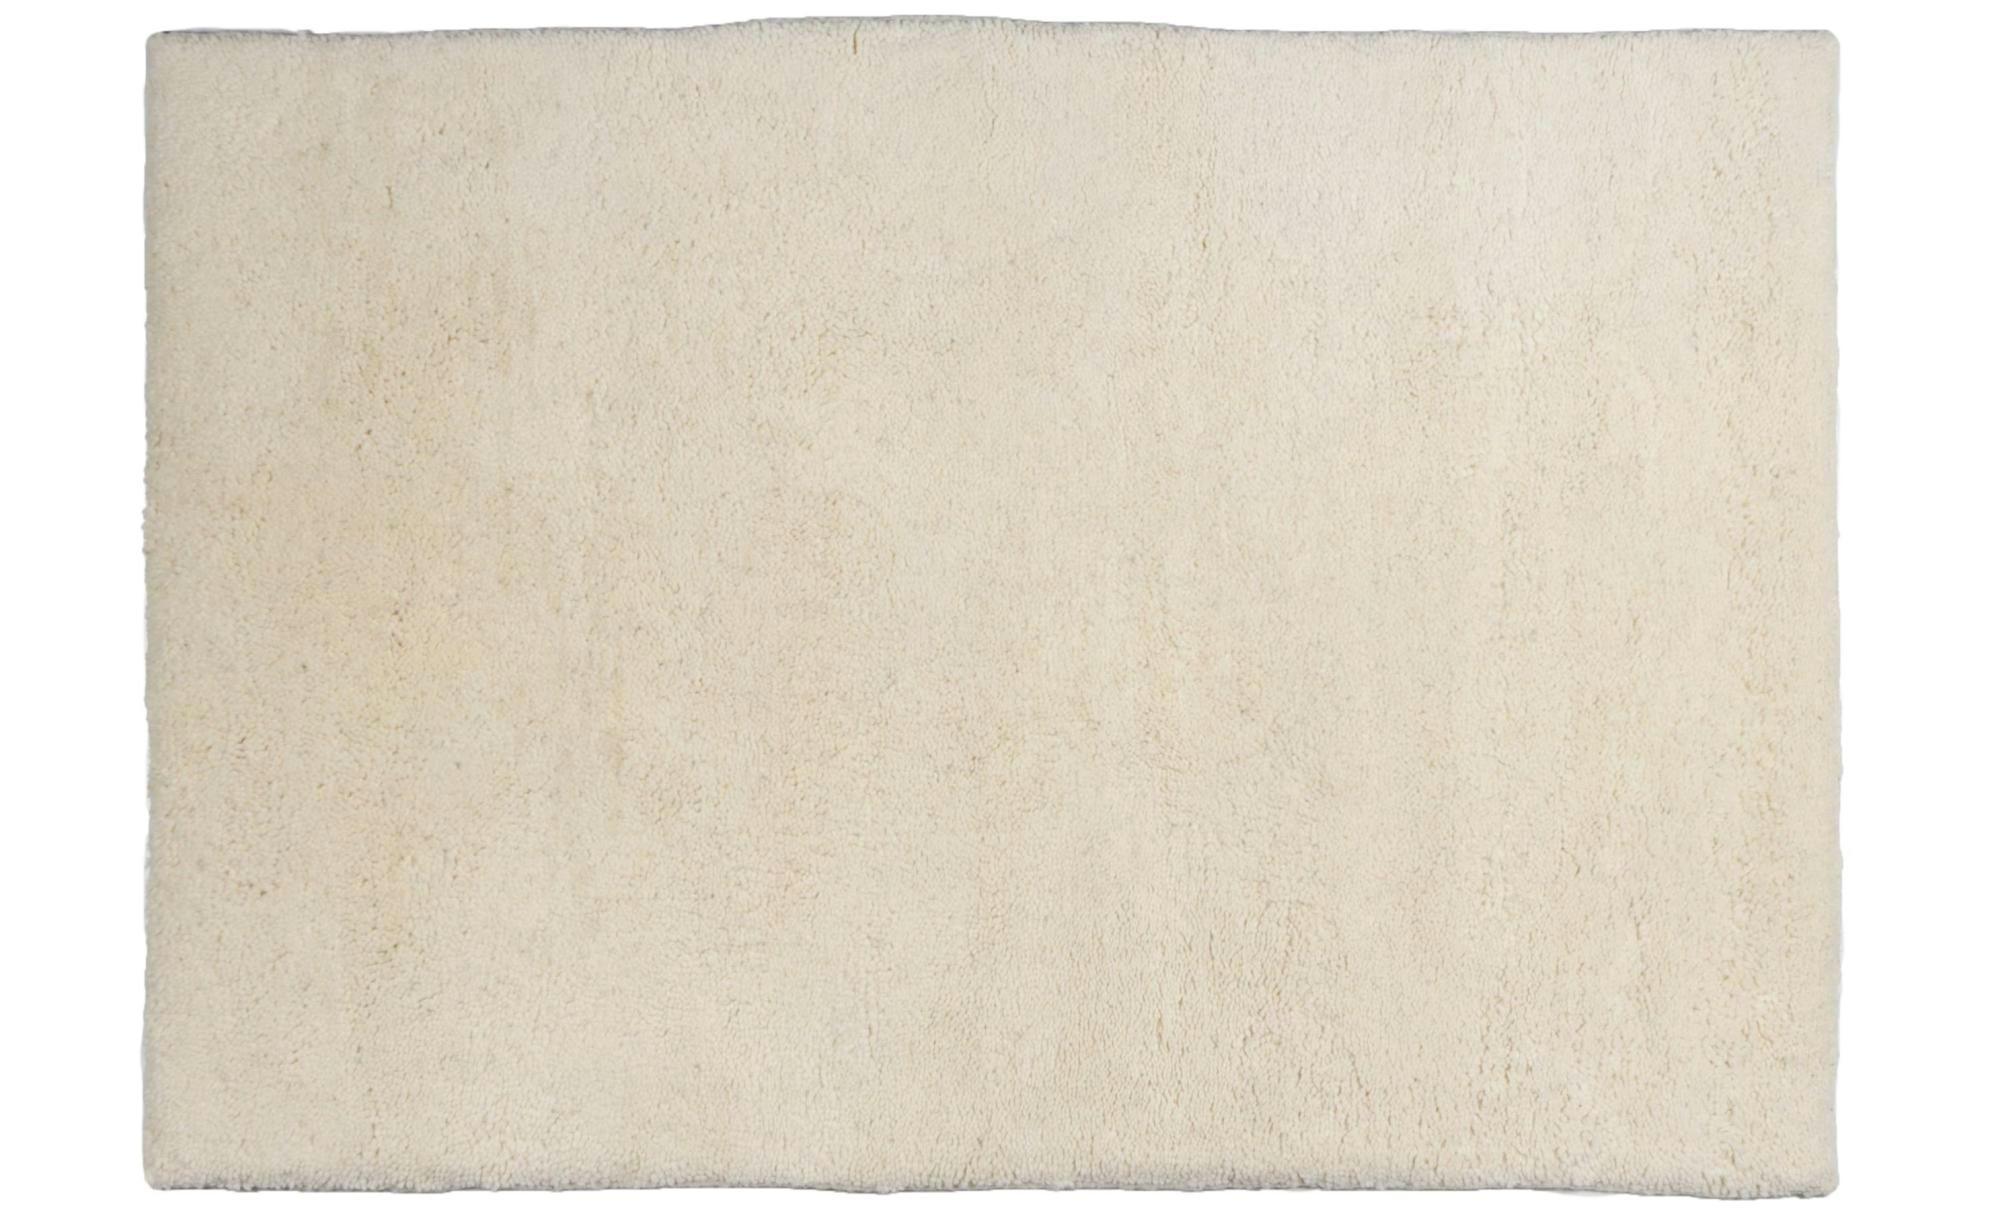 Berber-Teppich  Rabat ¦ creme ¦ reine Wolle, Wolle ¦ Maße (cm): B: 140 Teppiche > Wohnteppiche - Höffner